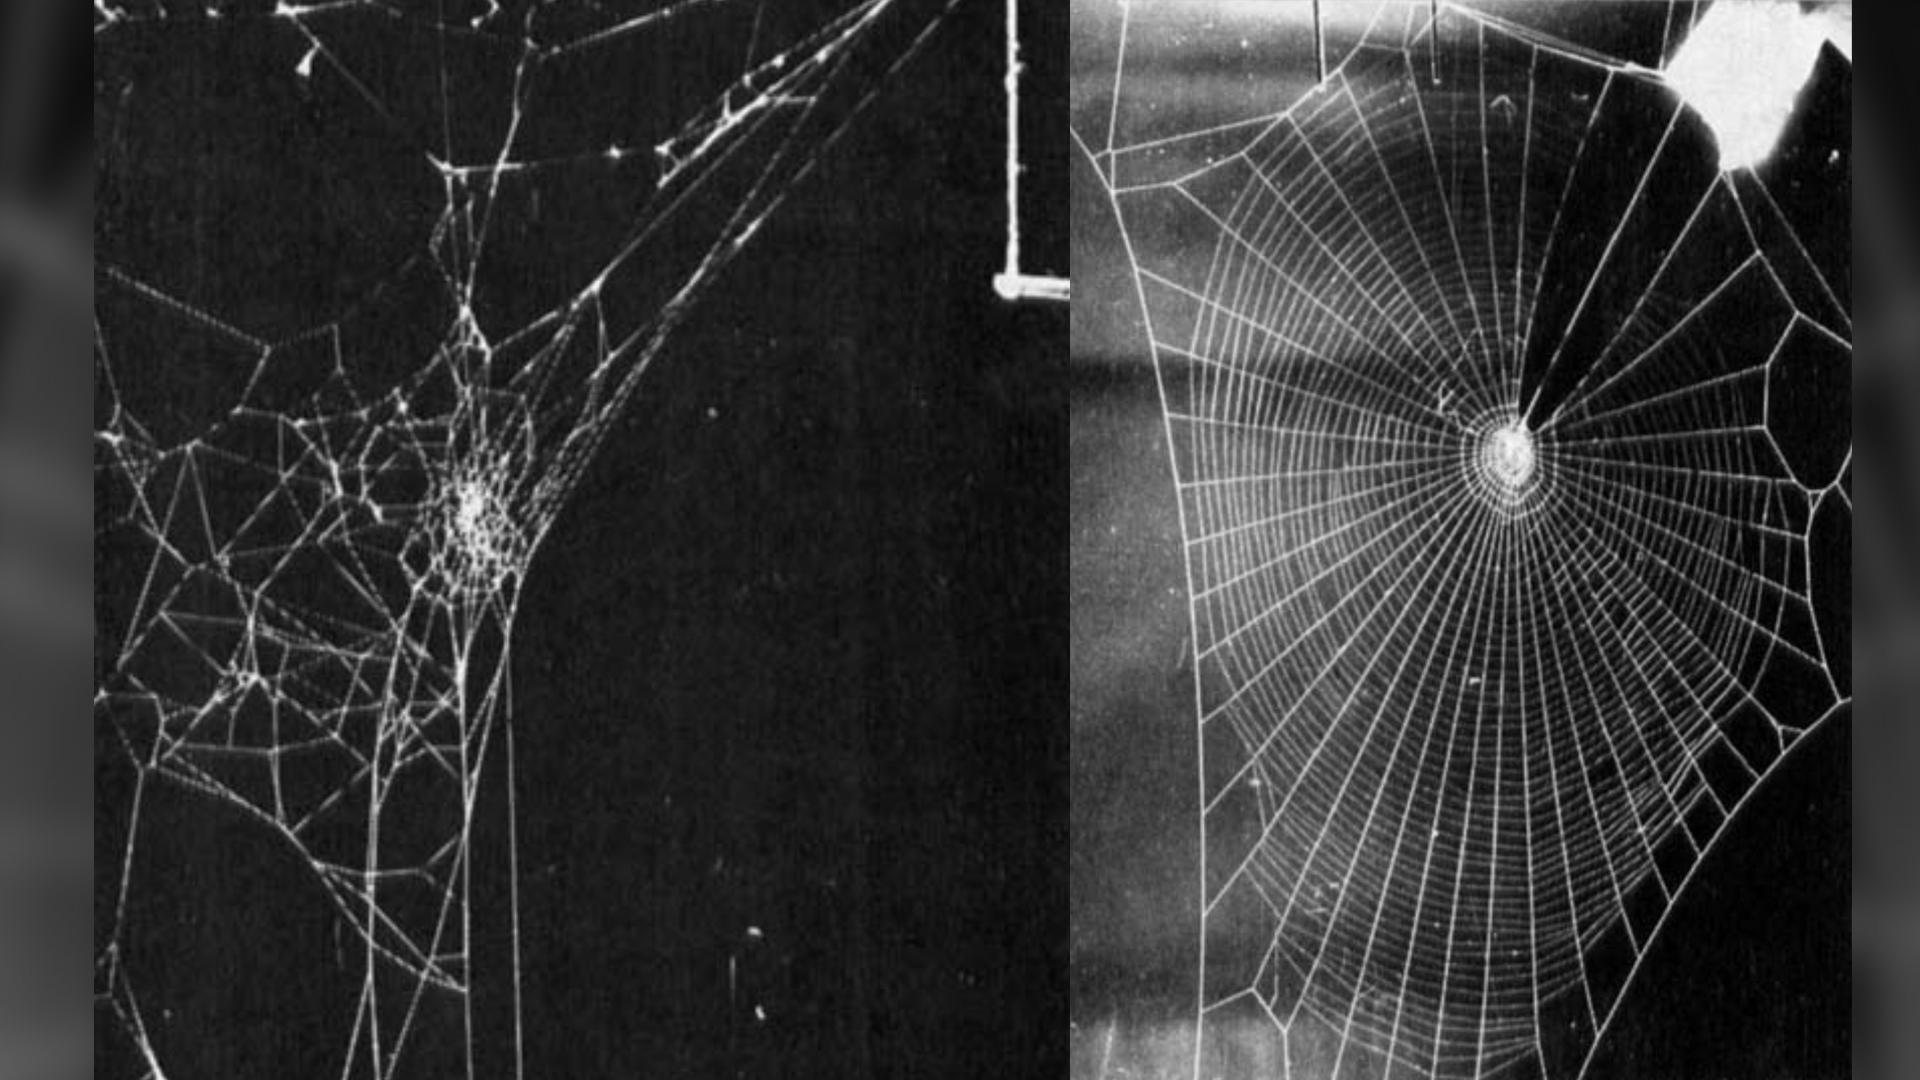 Une araignée femelle Araneus diadematus a construit la toile sur la gauche, environ 12 heures après avoir reçu une dose relativement élevée (1 milligramme) de d-amphétamine dans de l'eau sucrée.  La toile de droite a été construite par une araignée femelle adulte Zygiella x-notata qui a reçu une faible dose de LSD, résultant en une toile avec des tours en spirale qui ont été